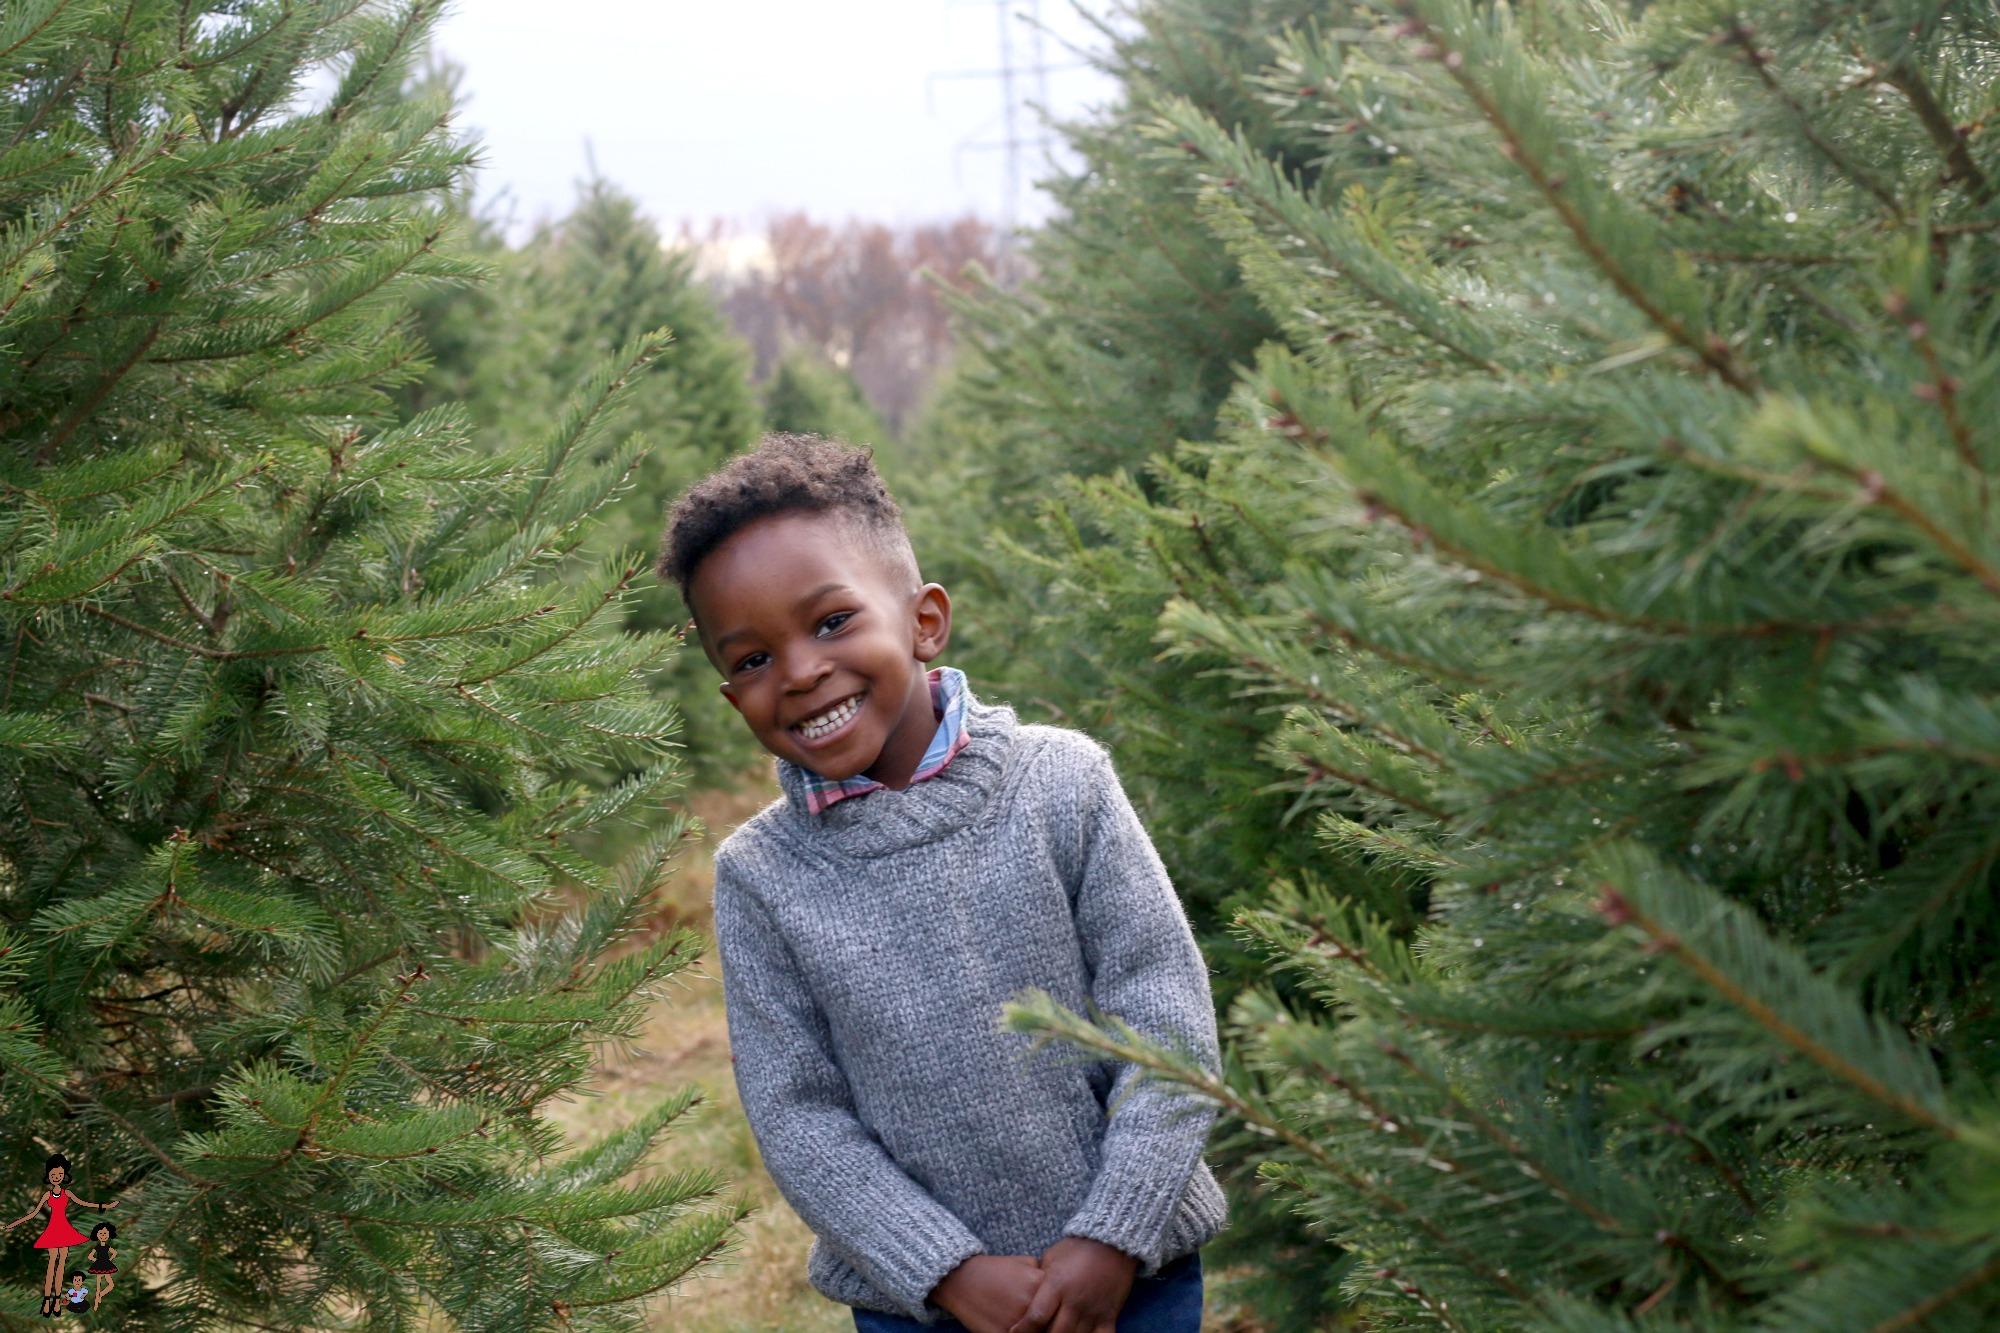 ny-christmas-tree-farm-picking